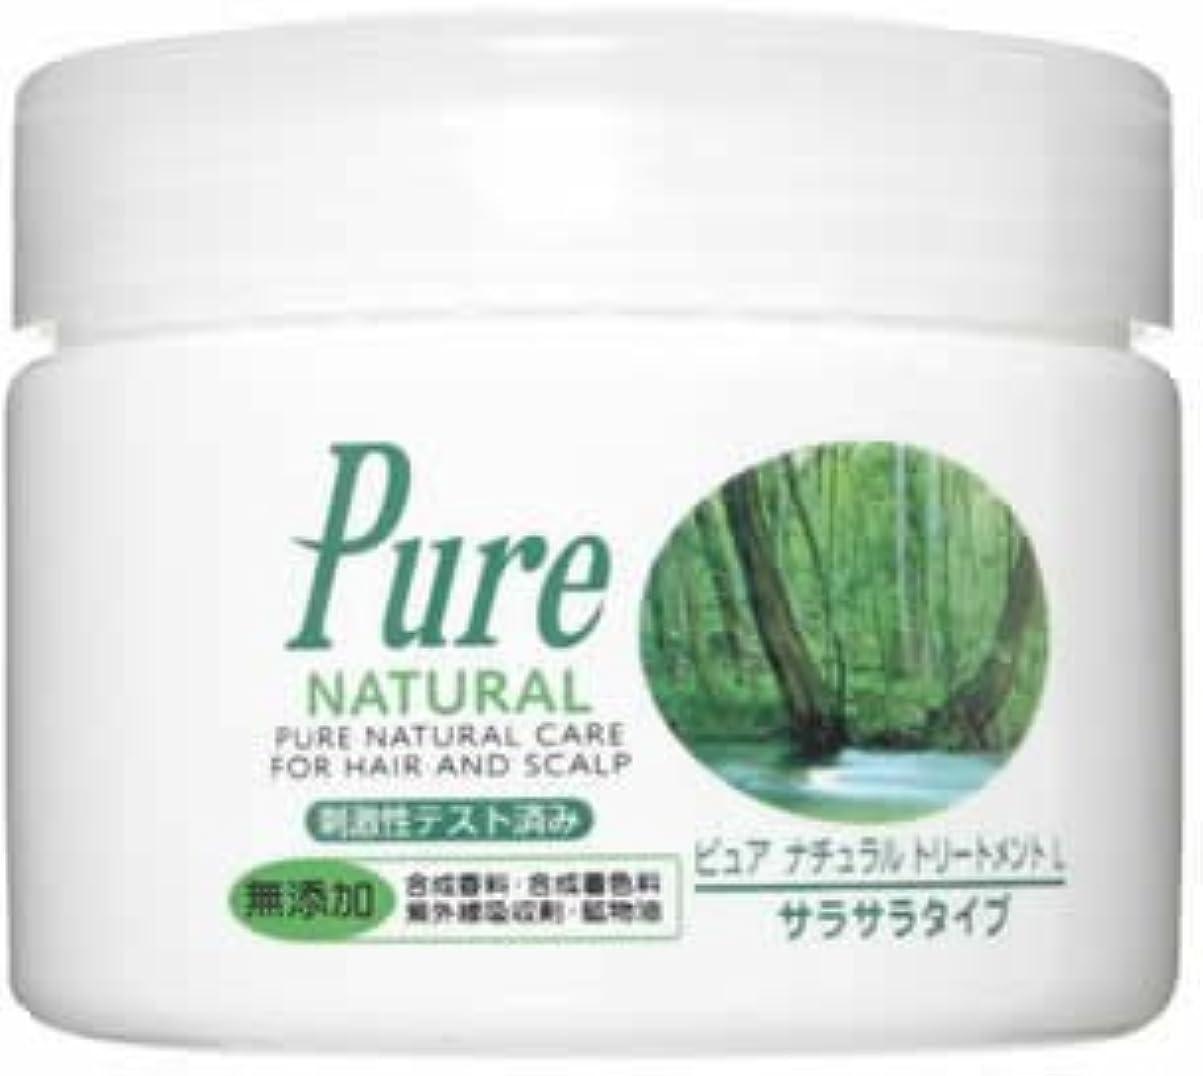 桃広々前提Pure NATURAL(ピュアナチュラル) トリートメントL (サラサラタイプ) 300g